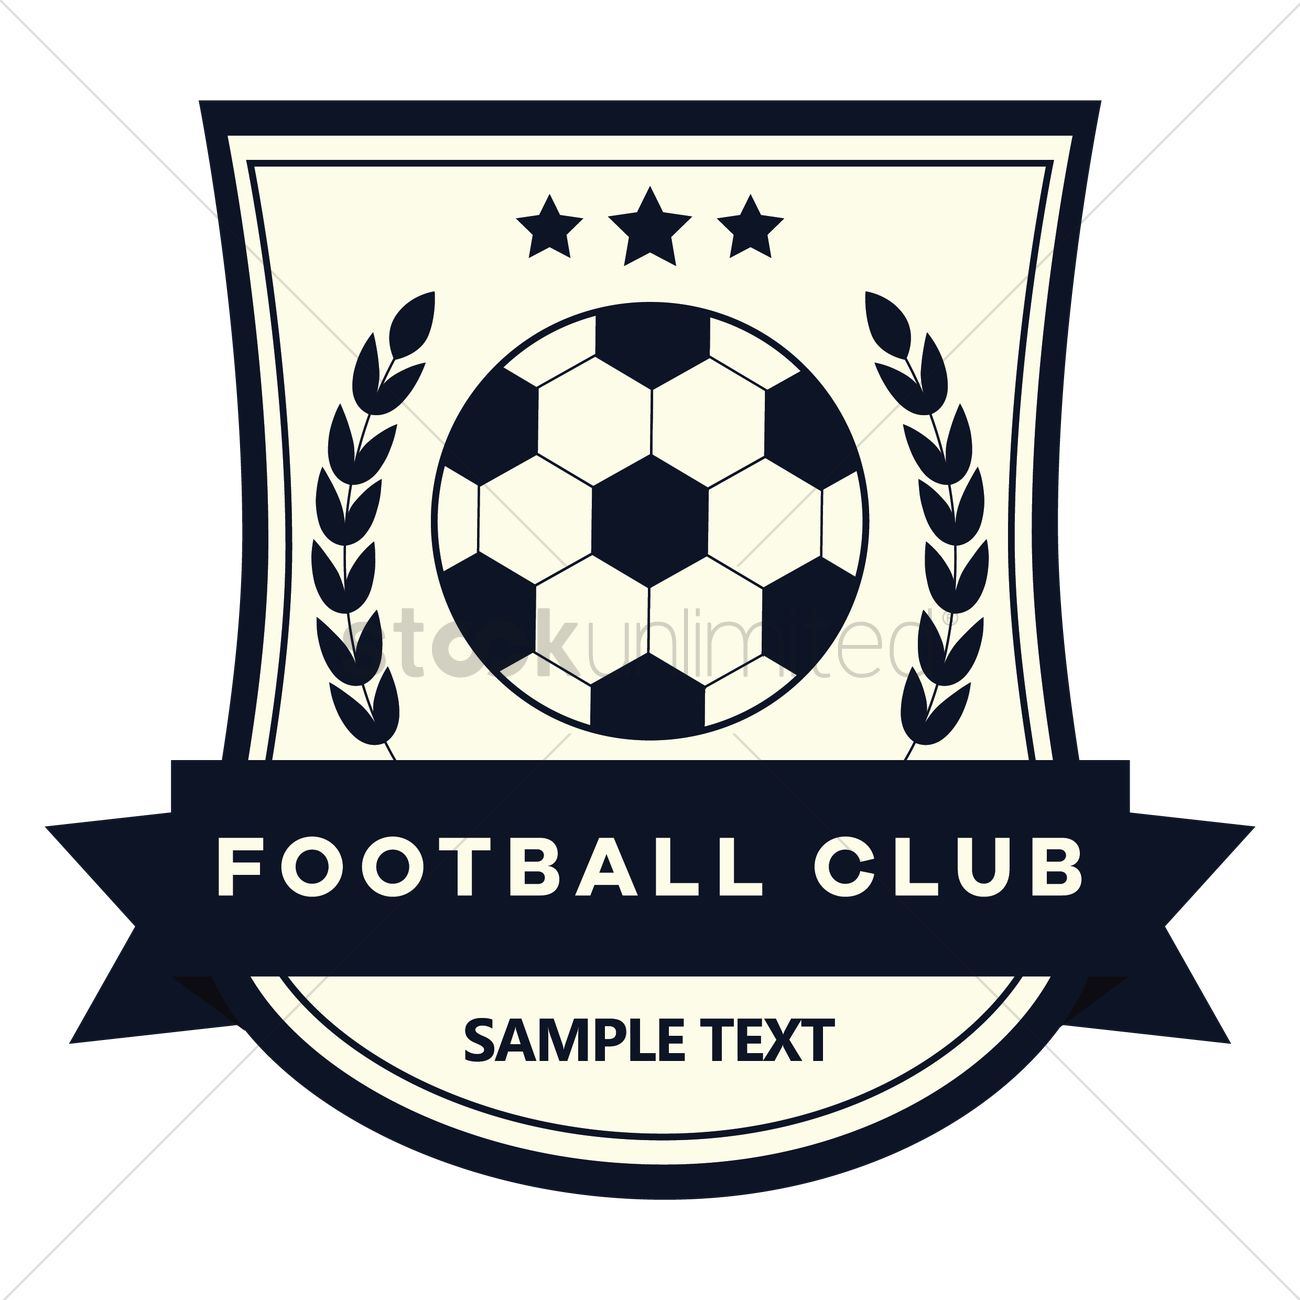 Football club logo with star